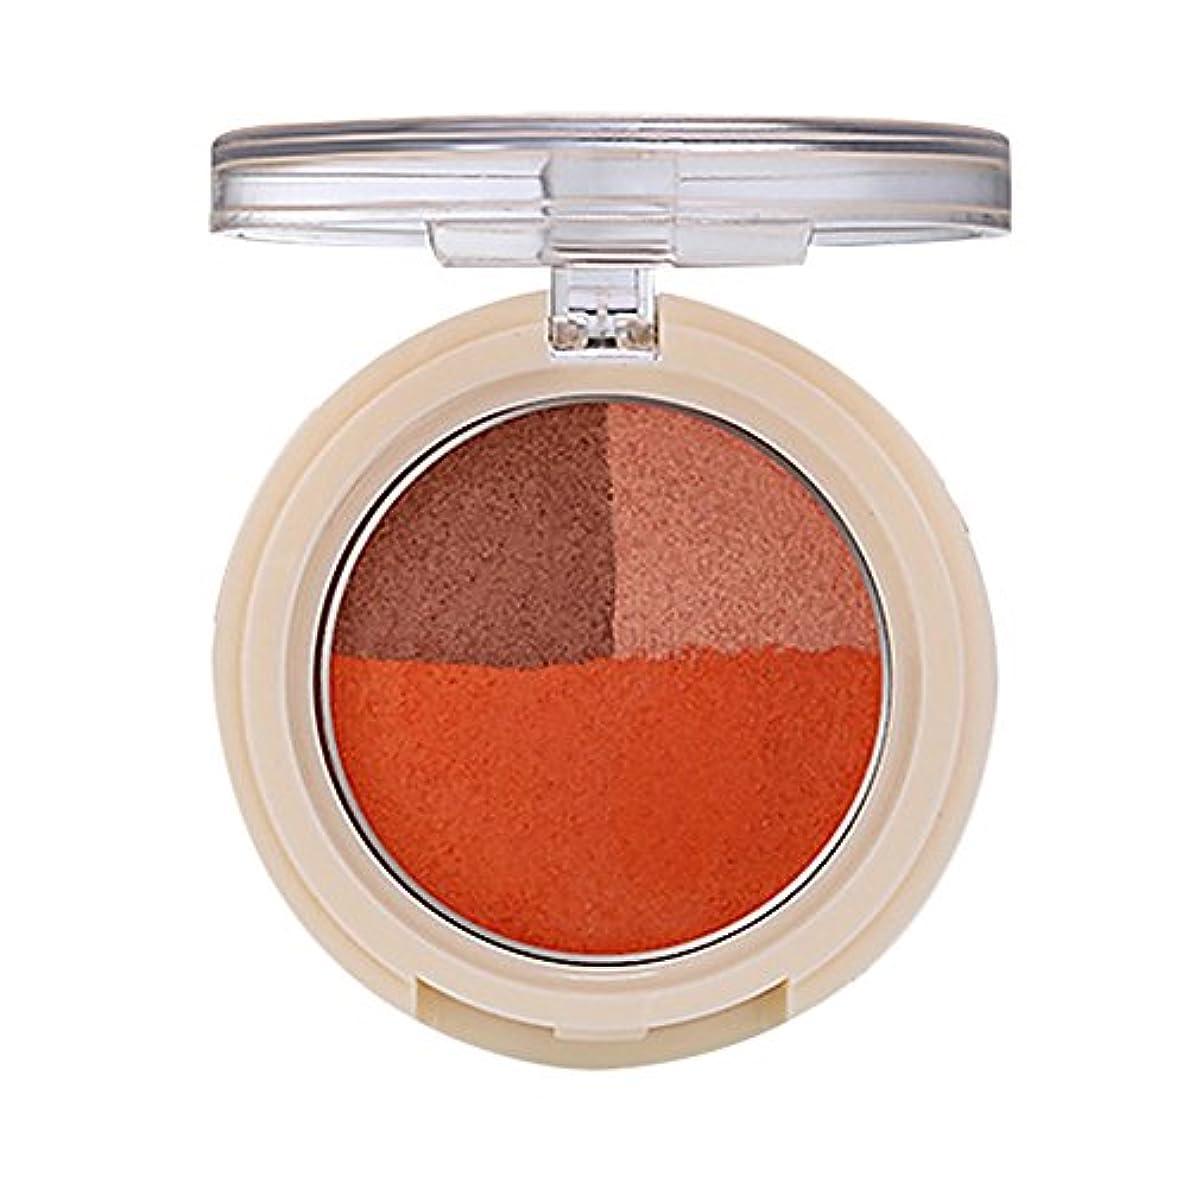 毎週リンク毒液Lazayyii 3色アイシャドウ チーク アイシャドウパレット Eye Shadow グリッターアイシャドウ パール マットマット高発色 透明感 保湿成分 暖色系 (03#)